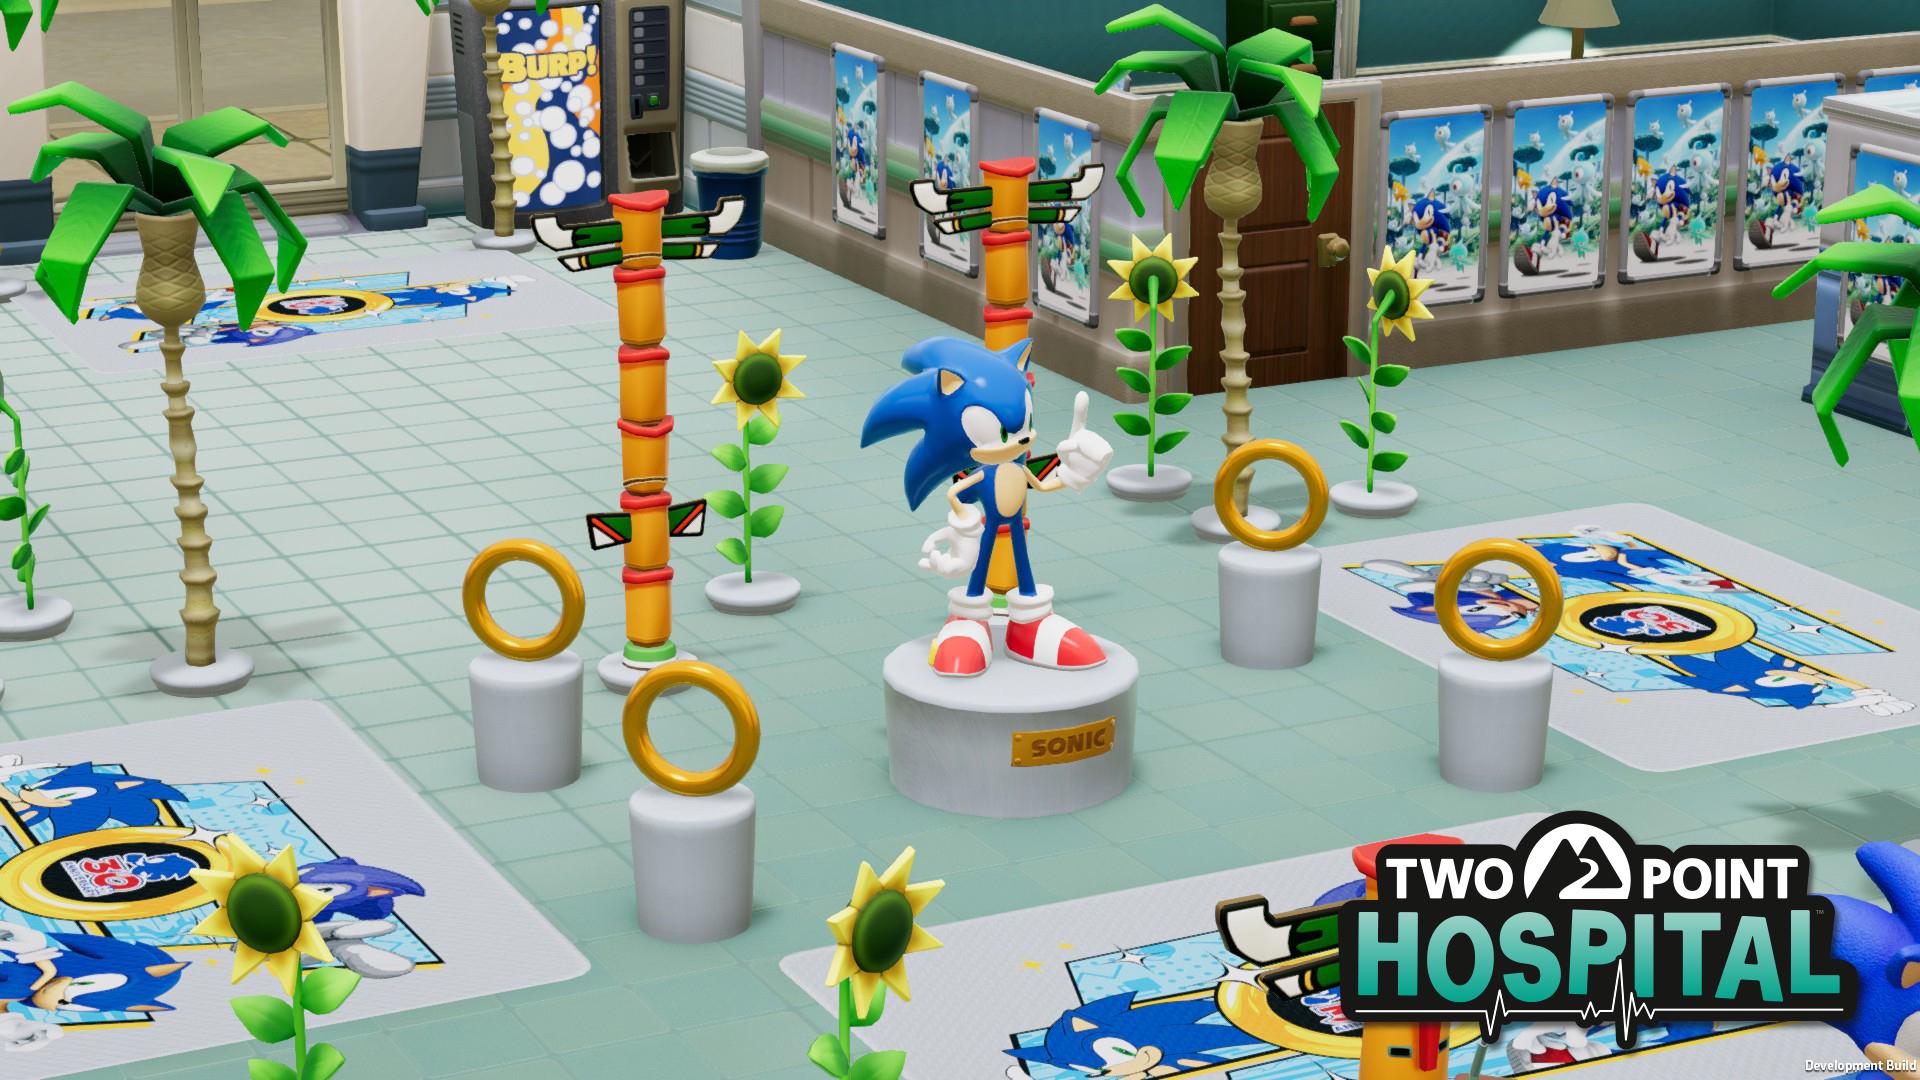 Sonic onemocněl a odvezli ho do Two Point Hospital Fotka Sonic